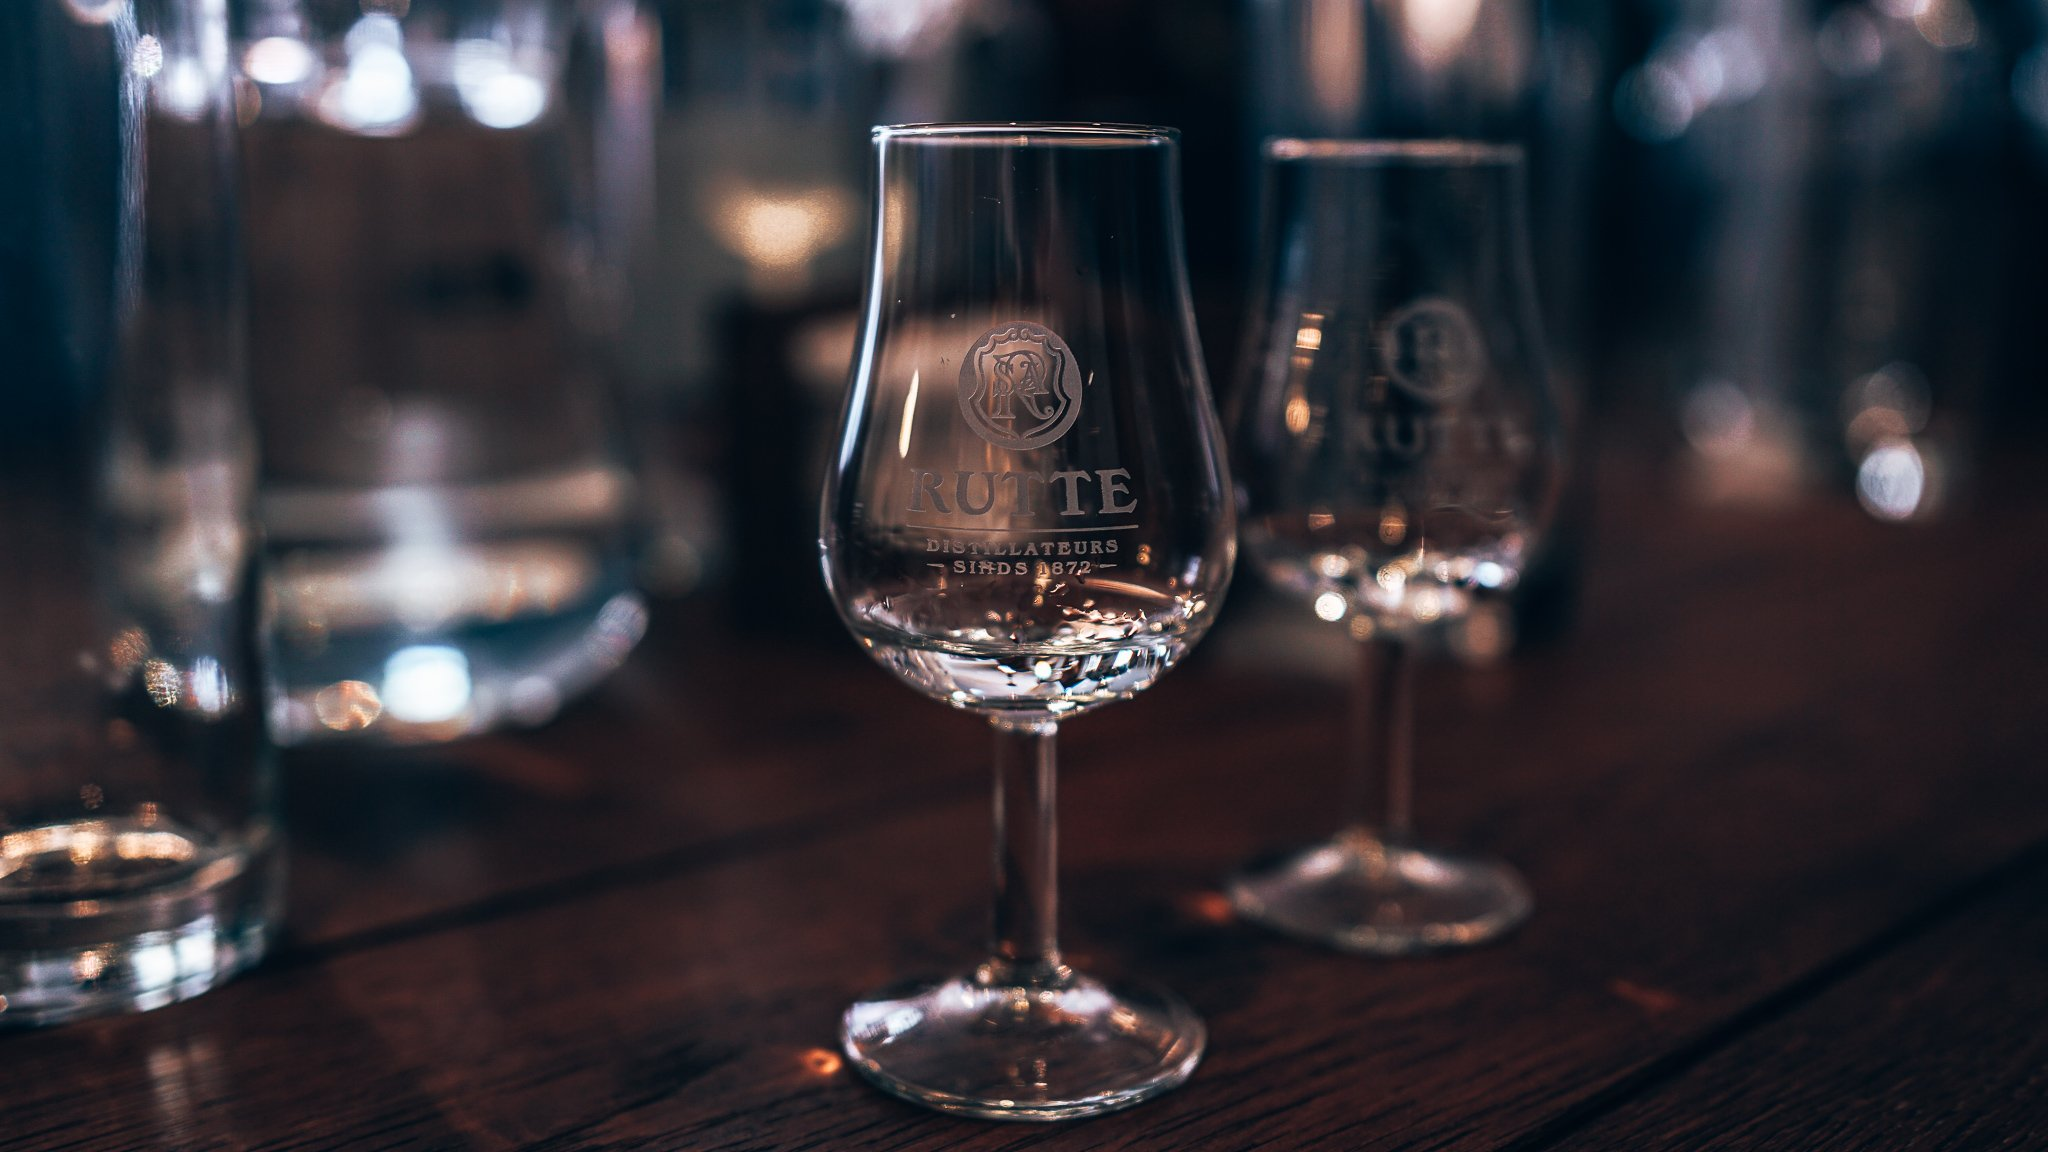 Proefglaasje, Workshop gin maken, Distilleerderij Rutte, Alles over gin.